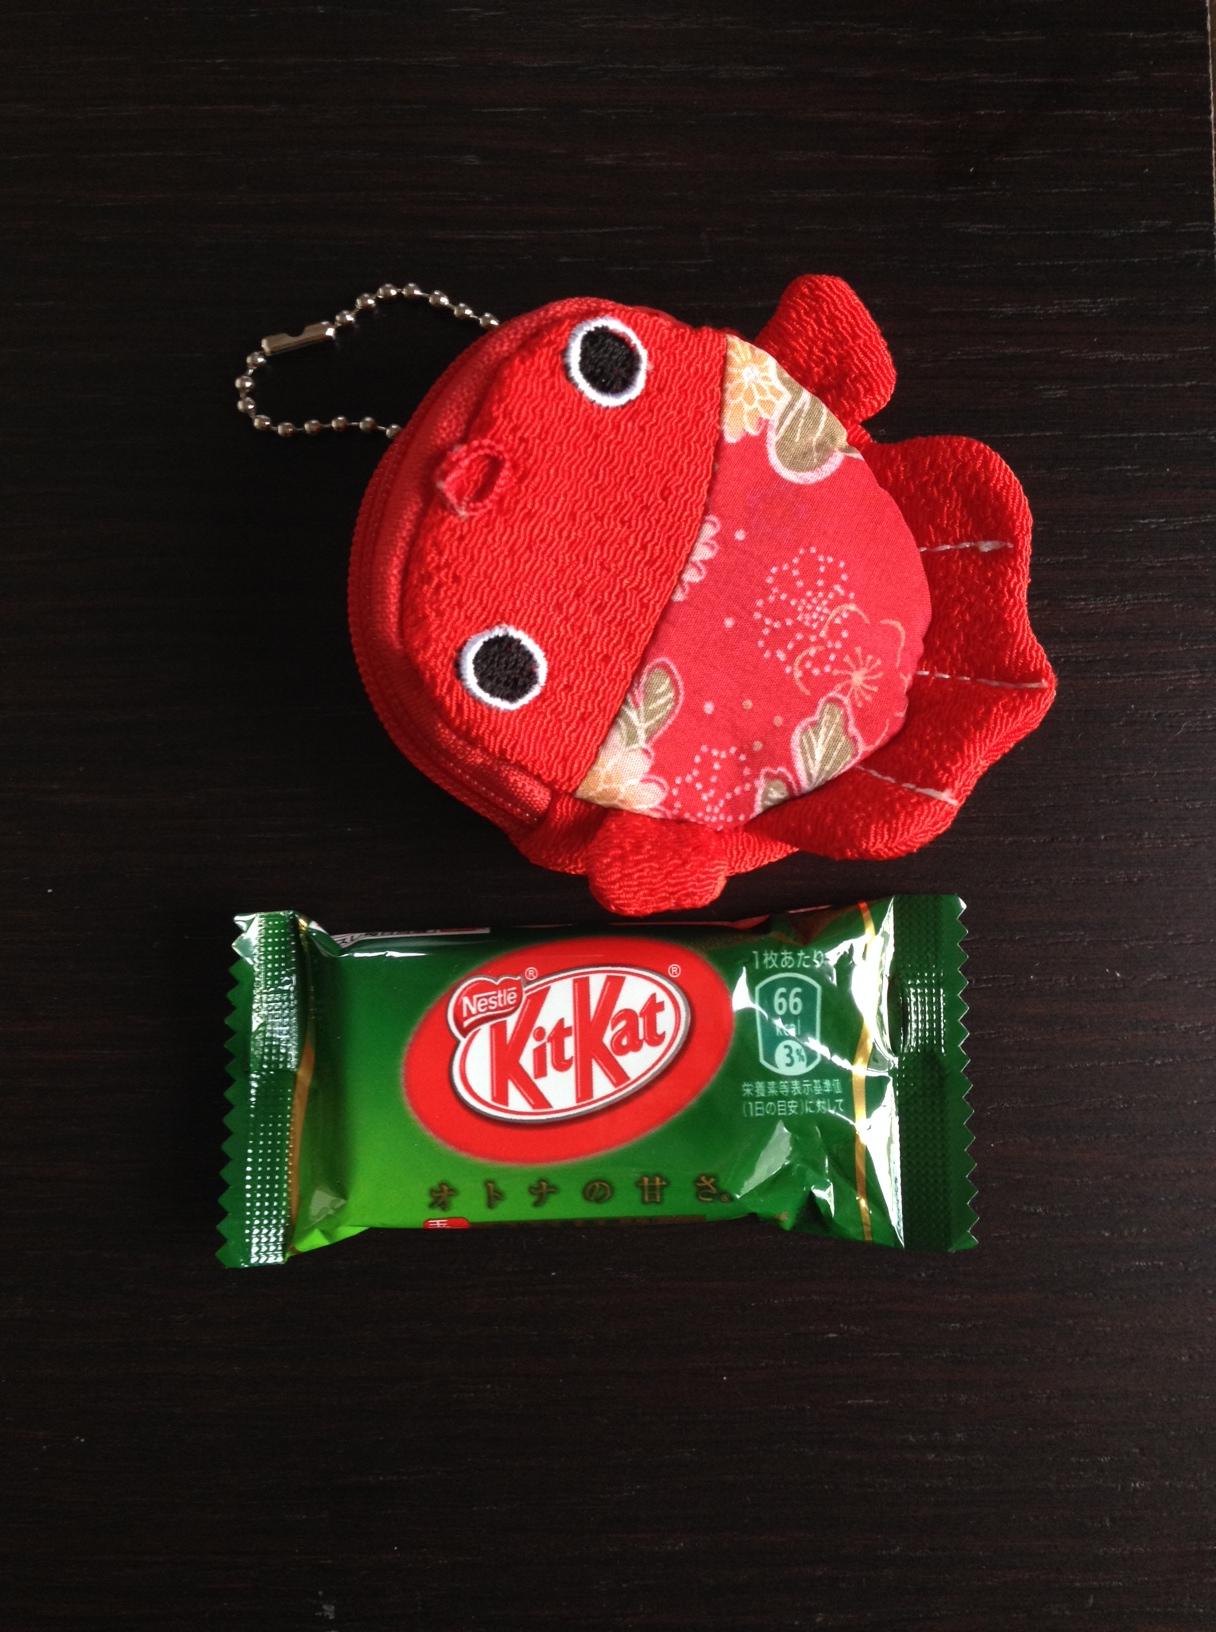 Un regalo dal Giappone: il kit kat al tè verde matcha